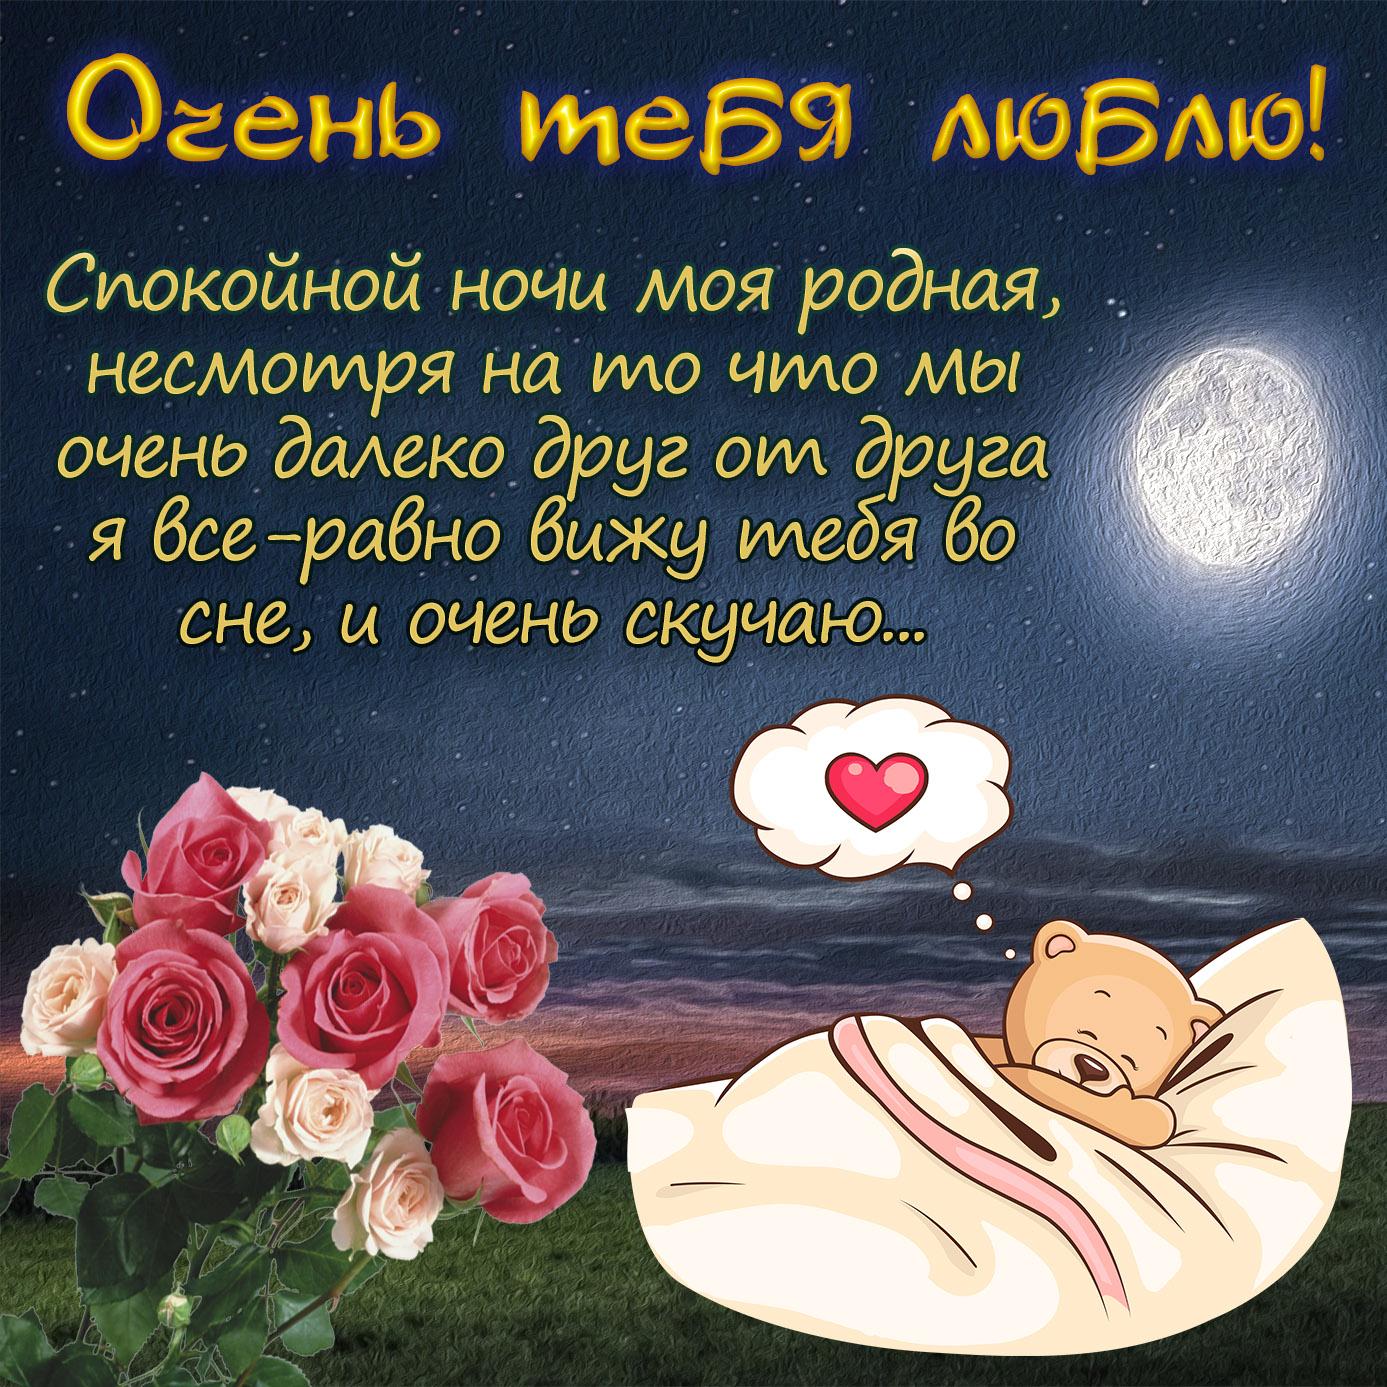 Картинка с красивым пожеланием спокойной ночи